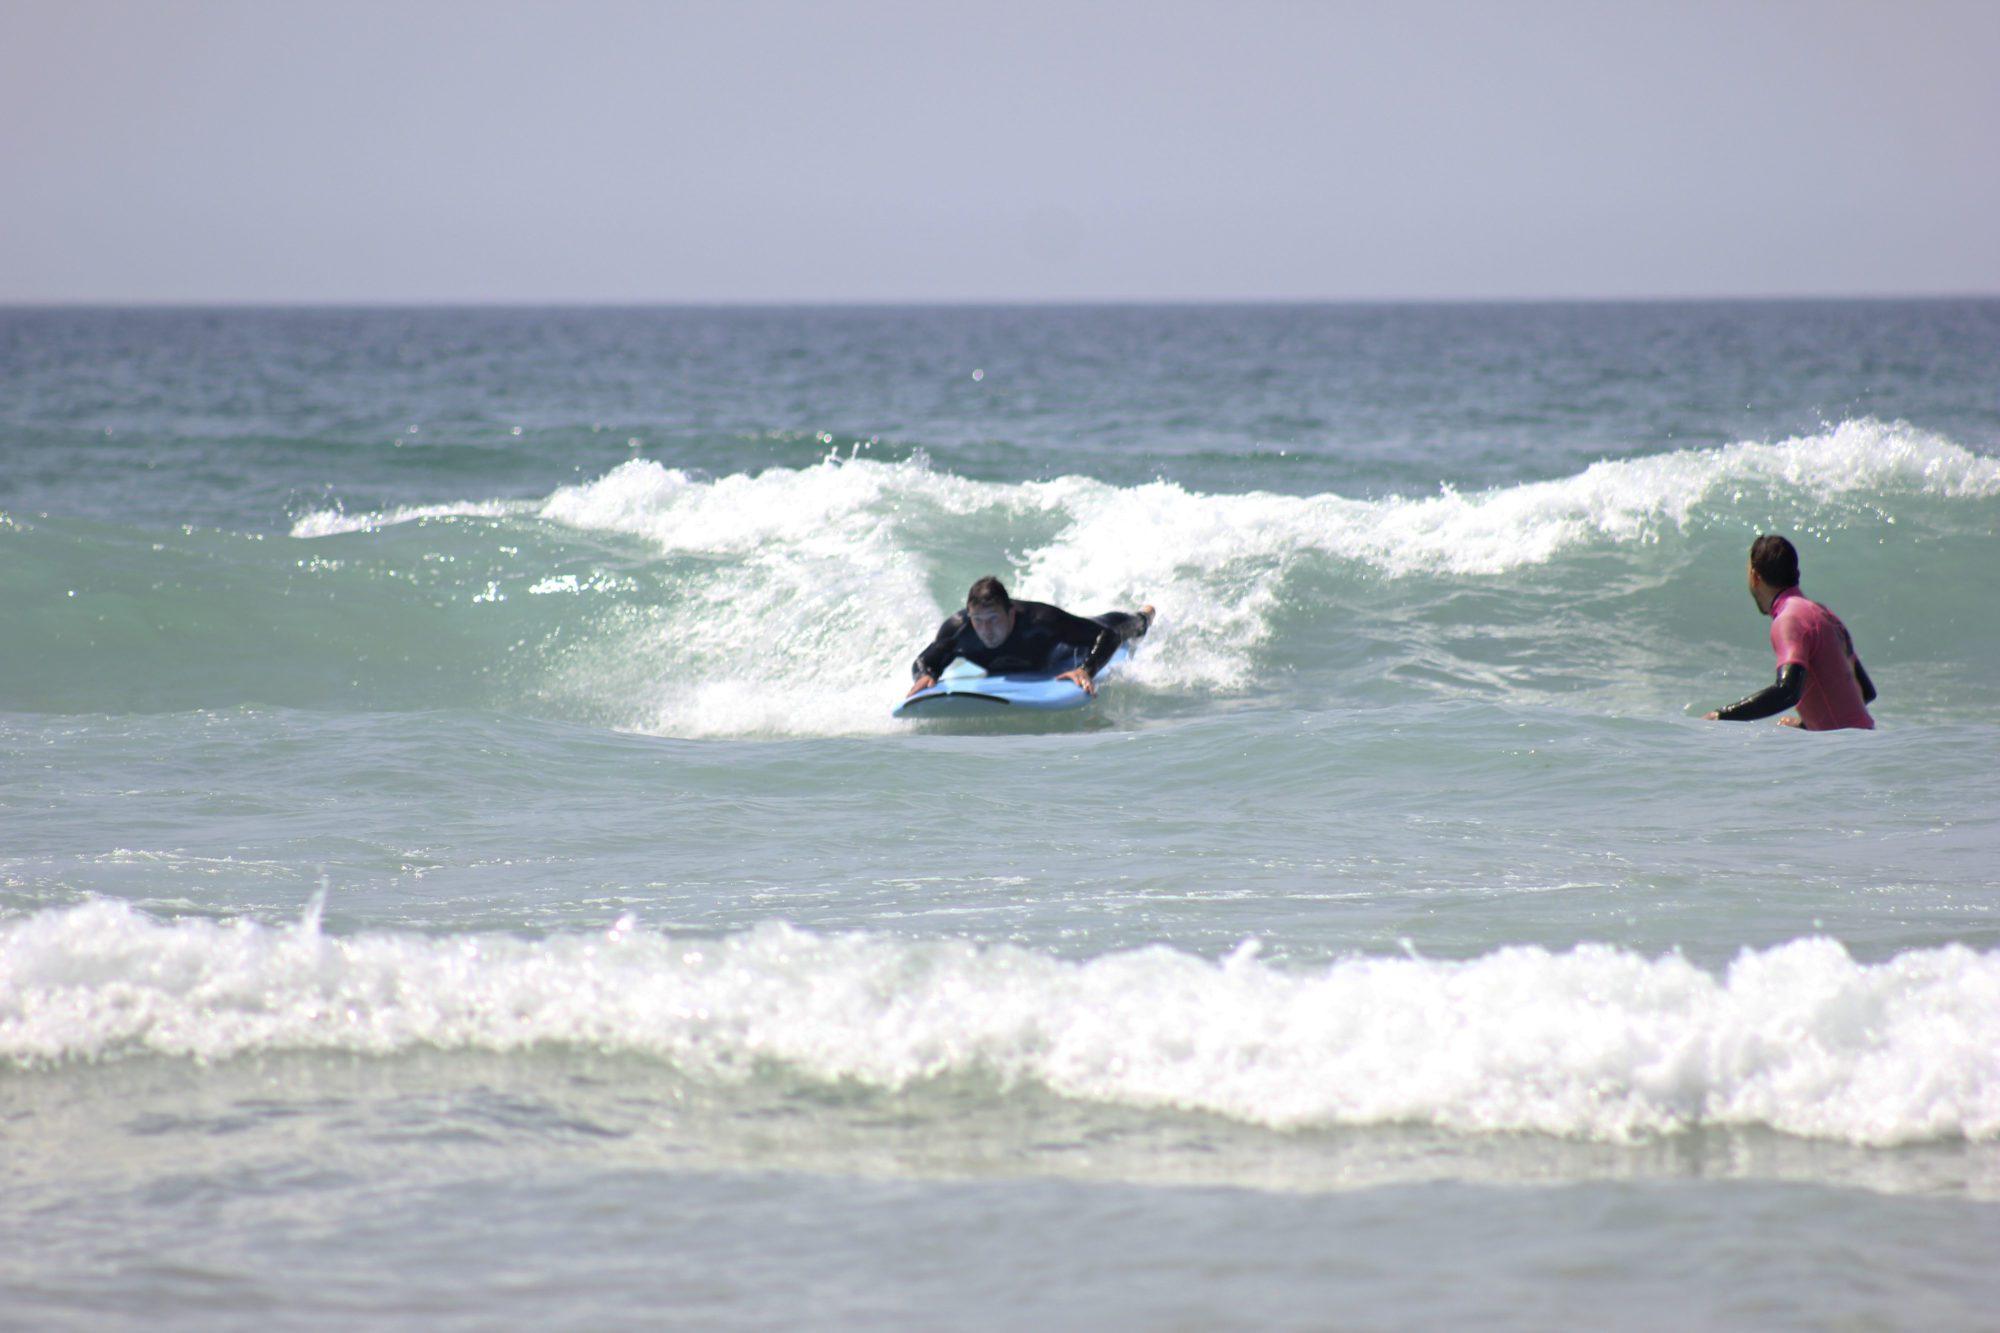 Darren Edwards surfer